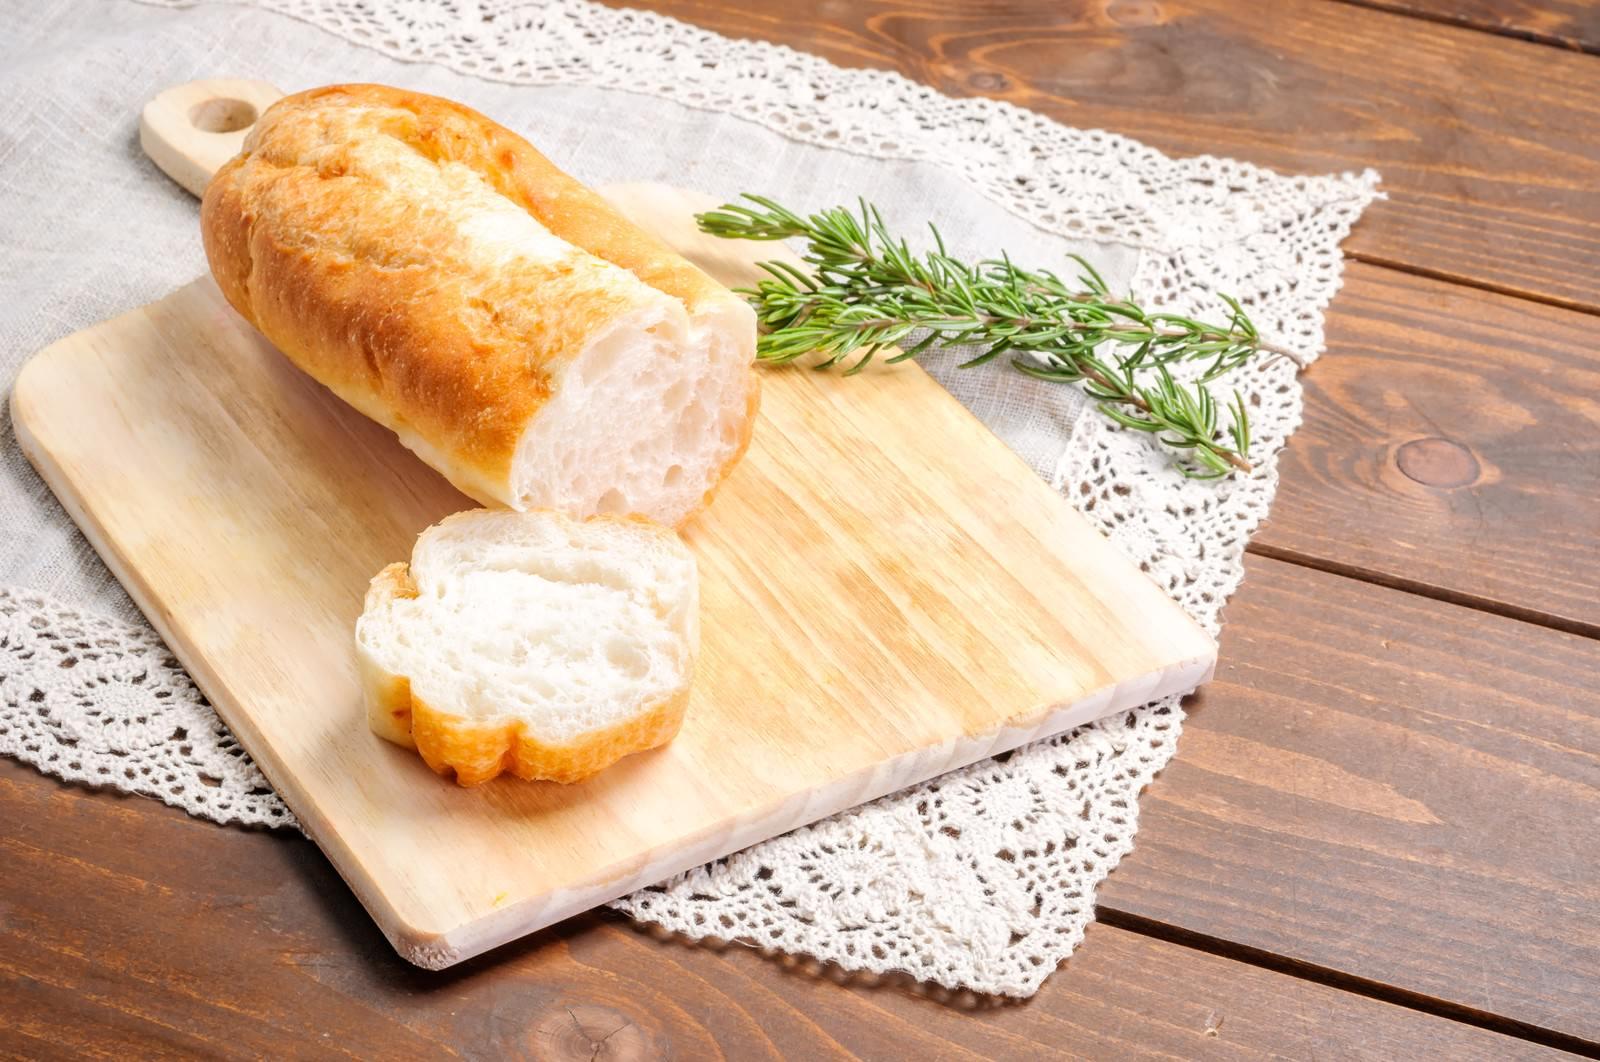 「カットされたフランスパンカットされたフランスパン」のフリー写真素材を拡大